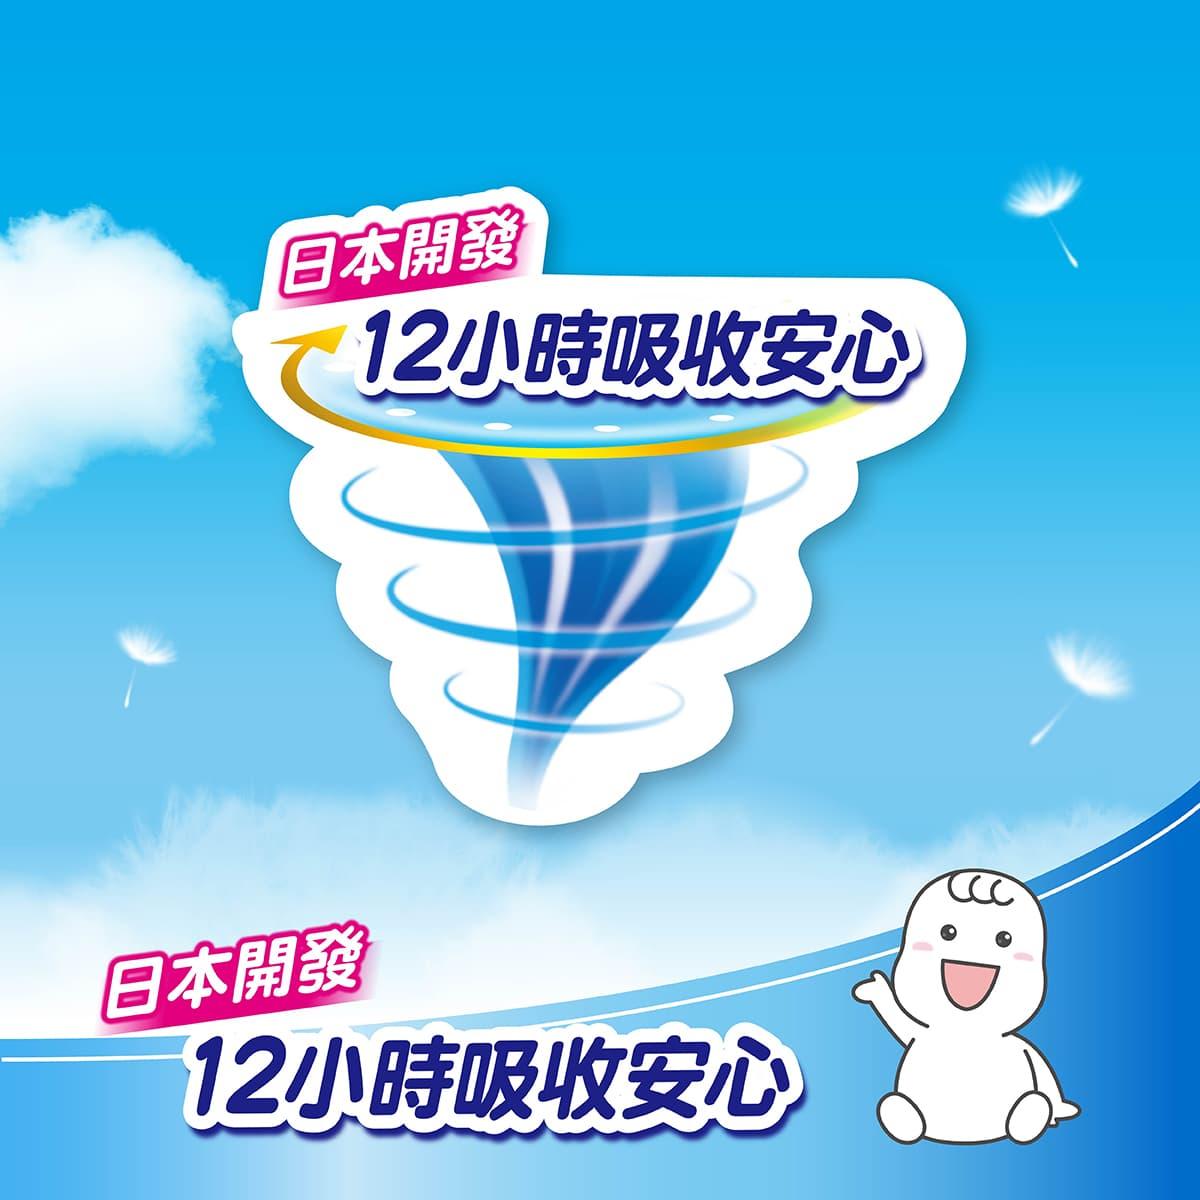 日本滿意寶寶瞬潔乾爽尿布 12小時安心吸收,防漏超舒適。